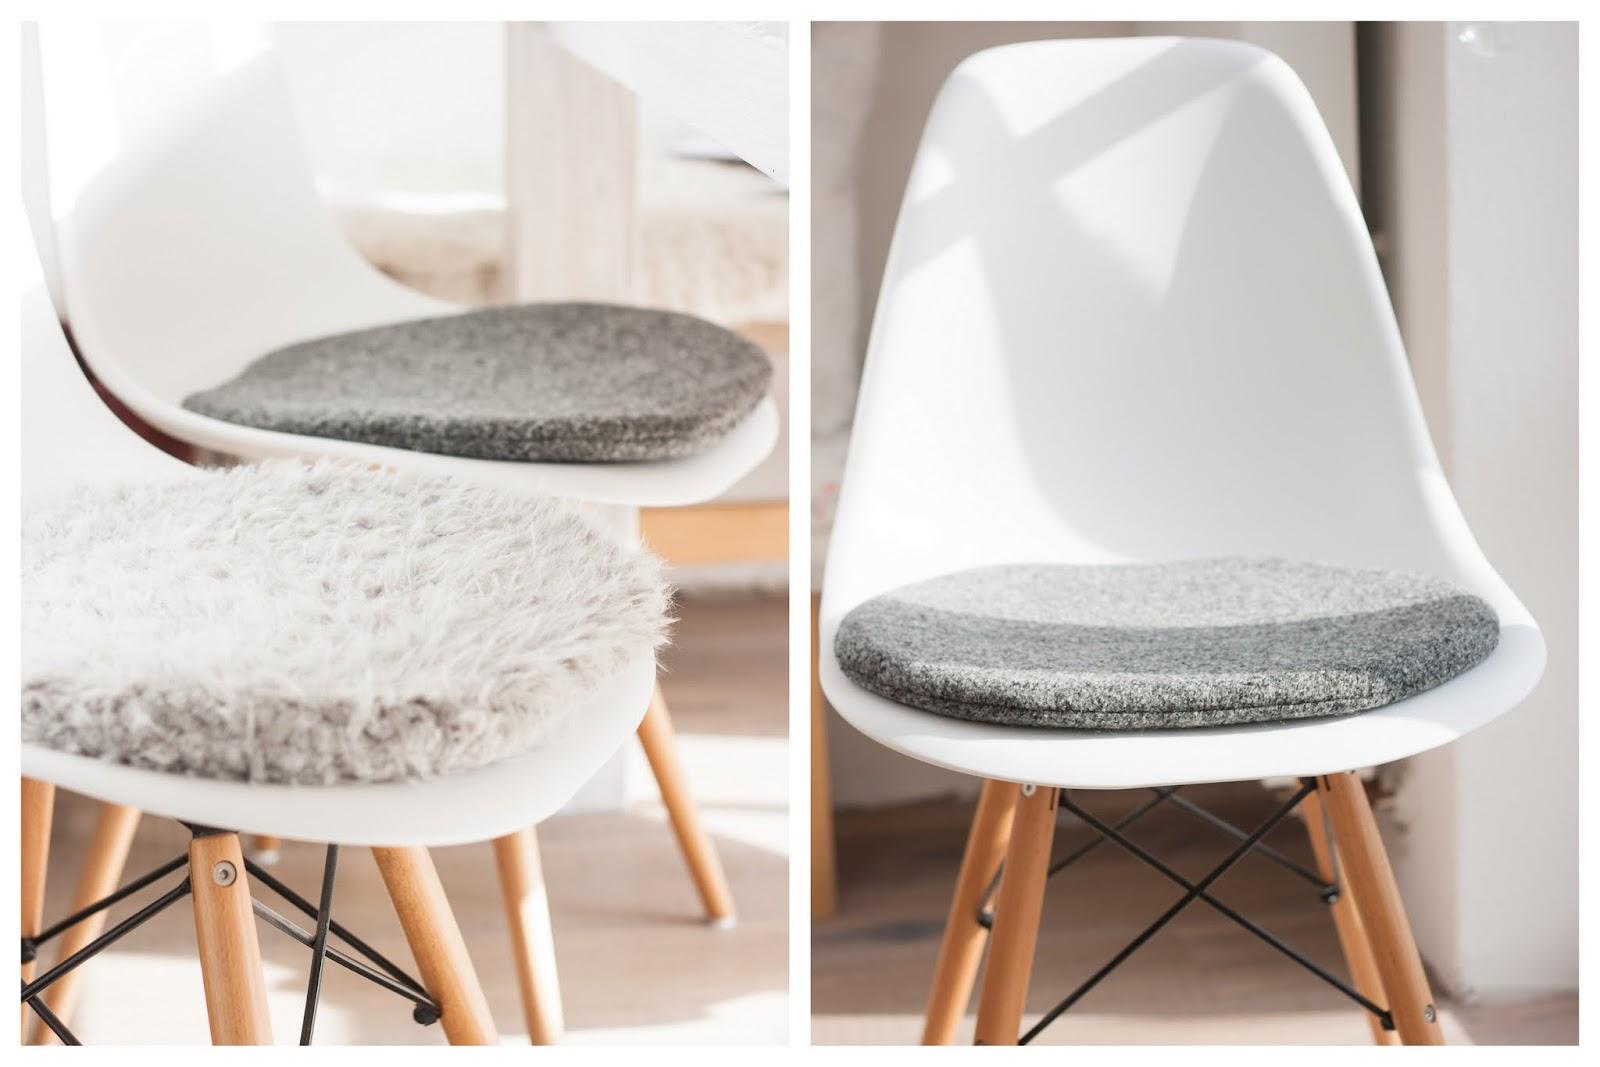 Hervorragend Sitzkissen Eames Chair, Sitzauflage